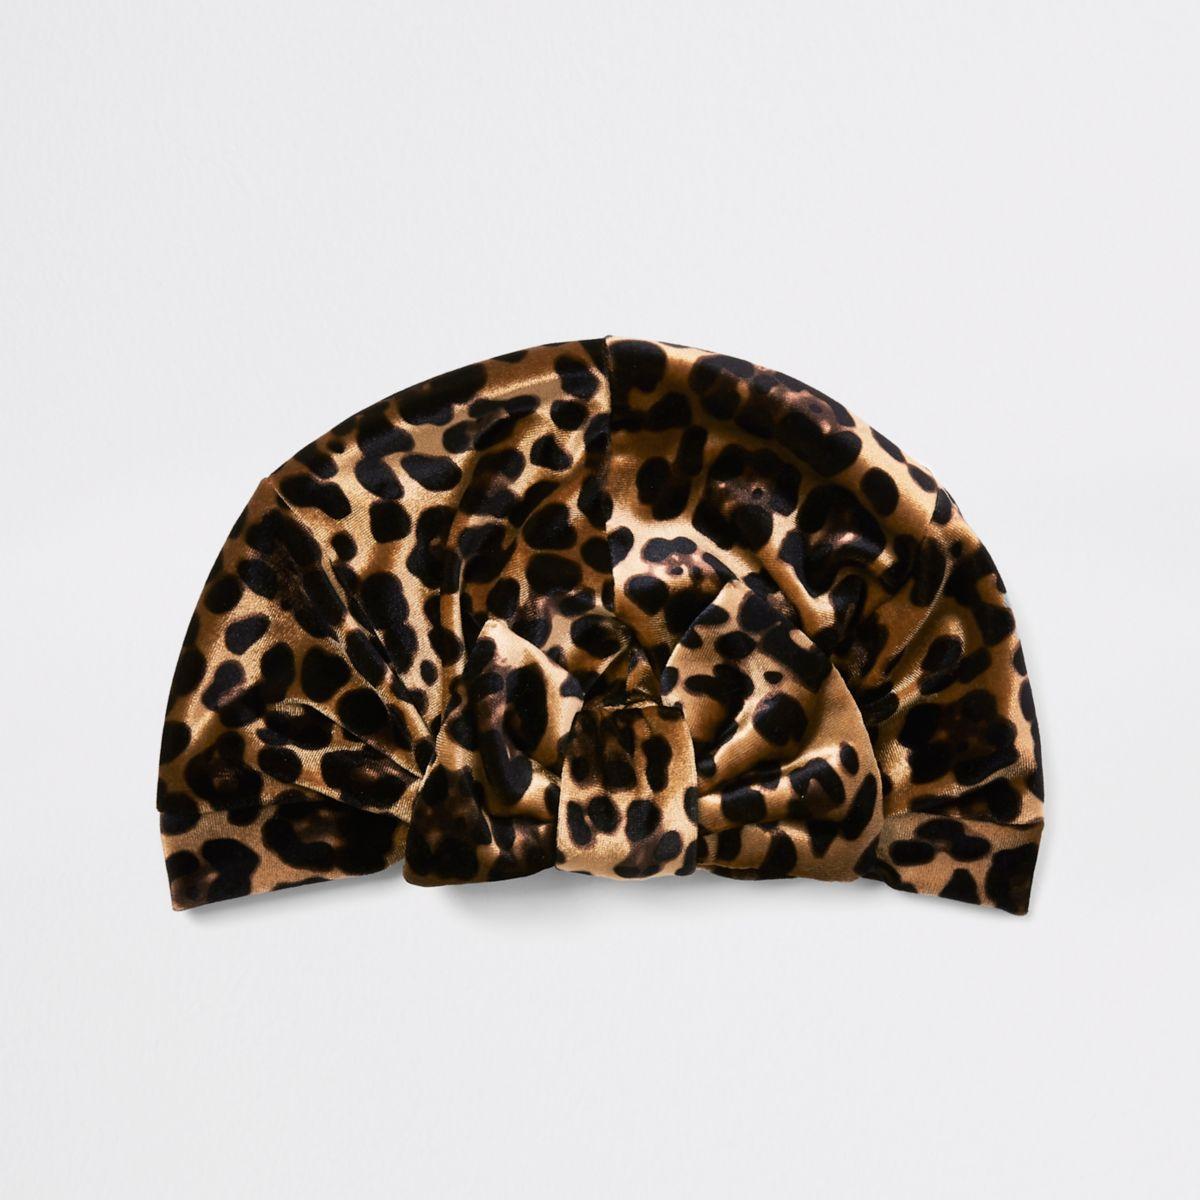 Girls brown leopard print bow turban headband